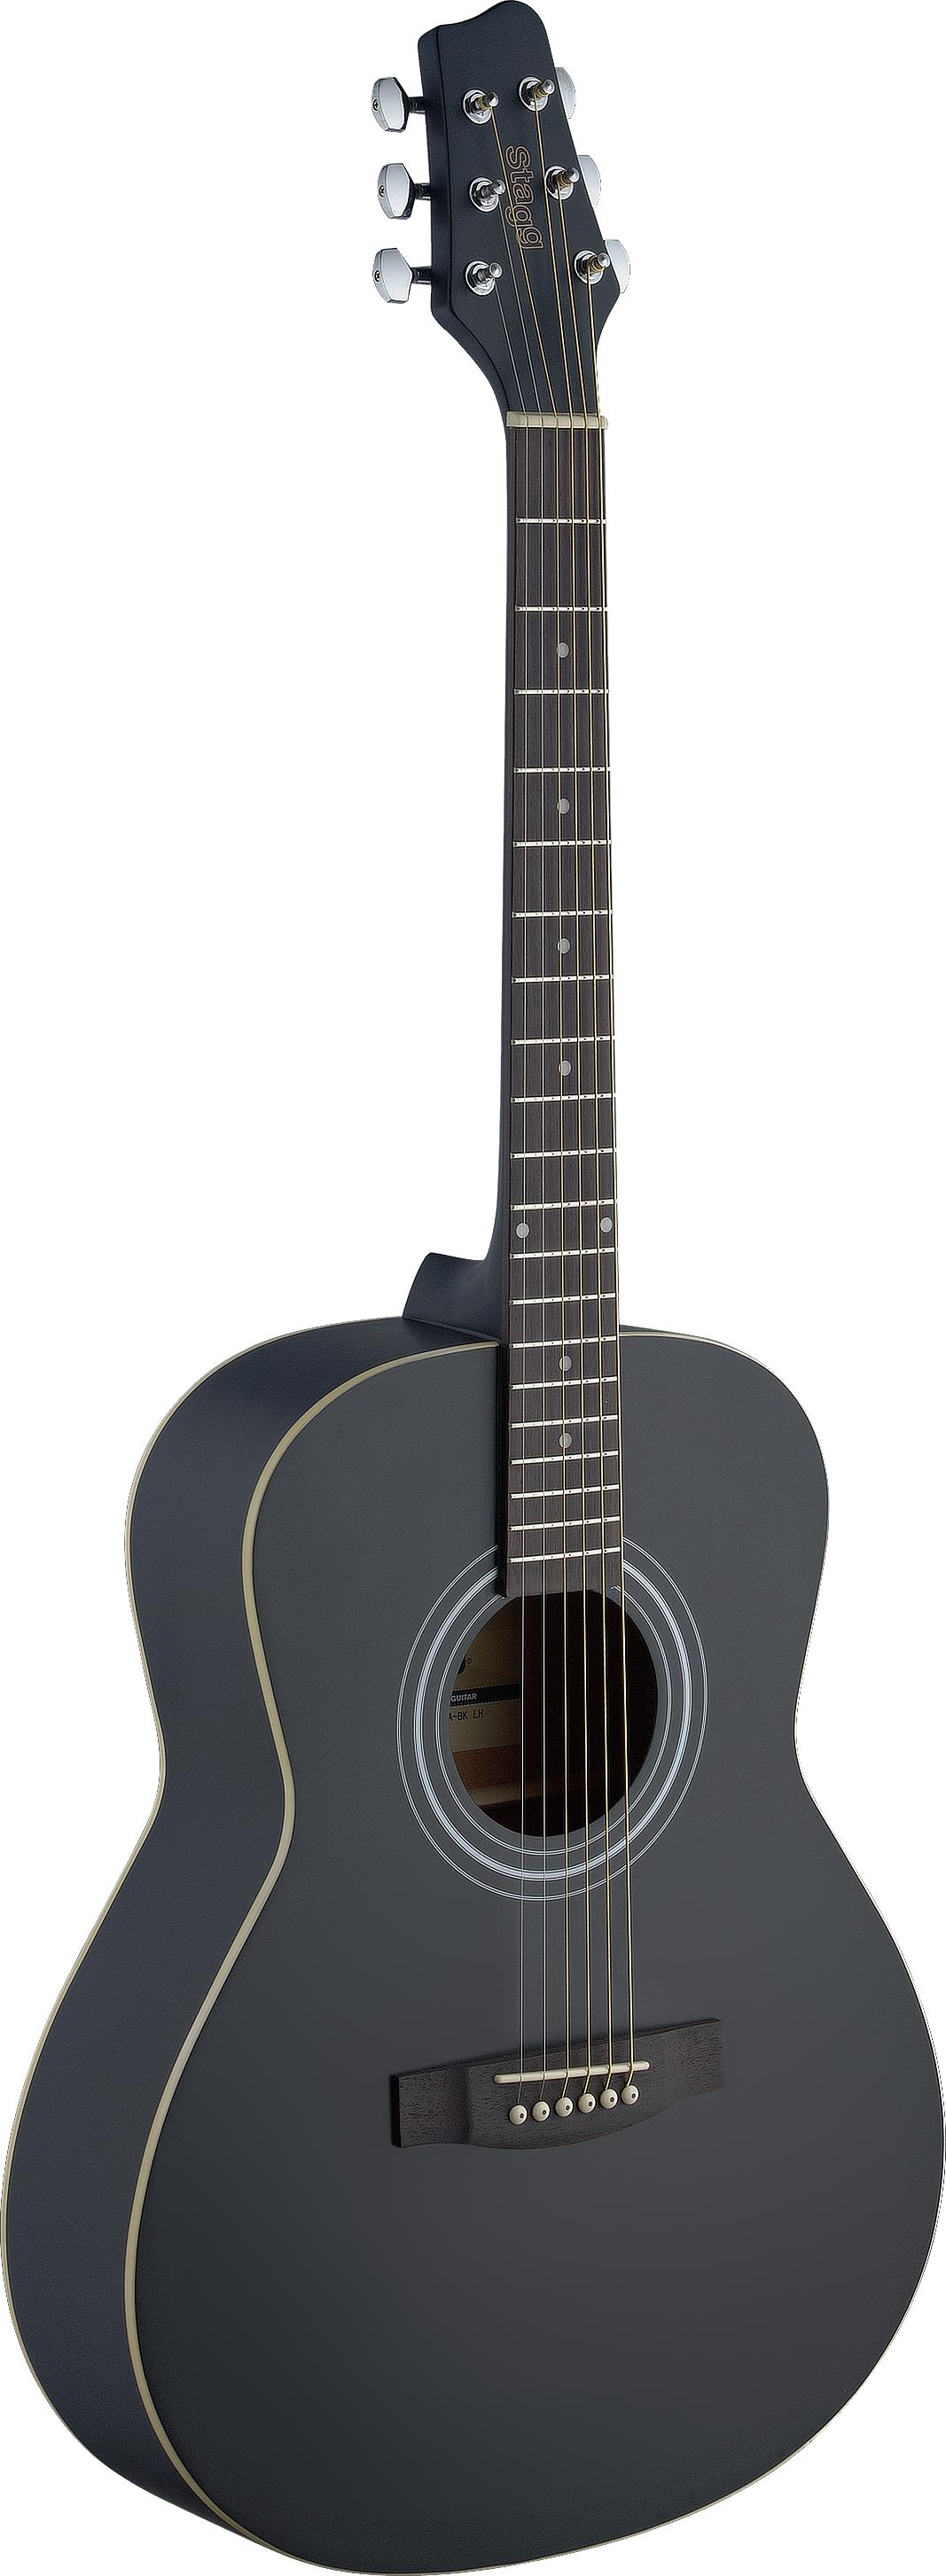 Stagg SA30A-BK LH, akustická kytara, levoruká